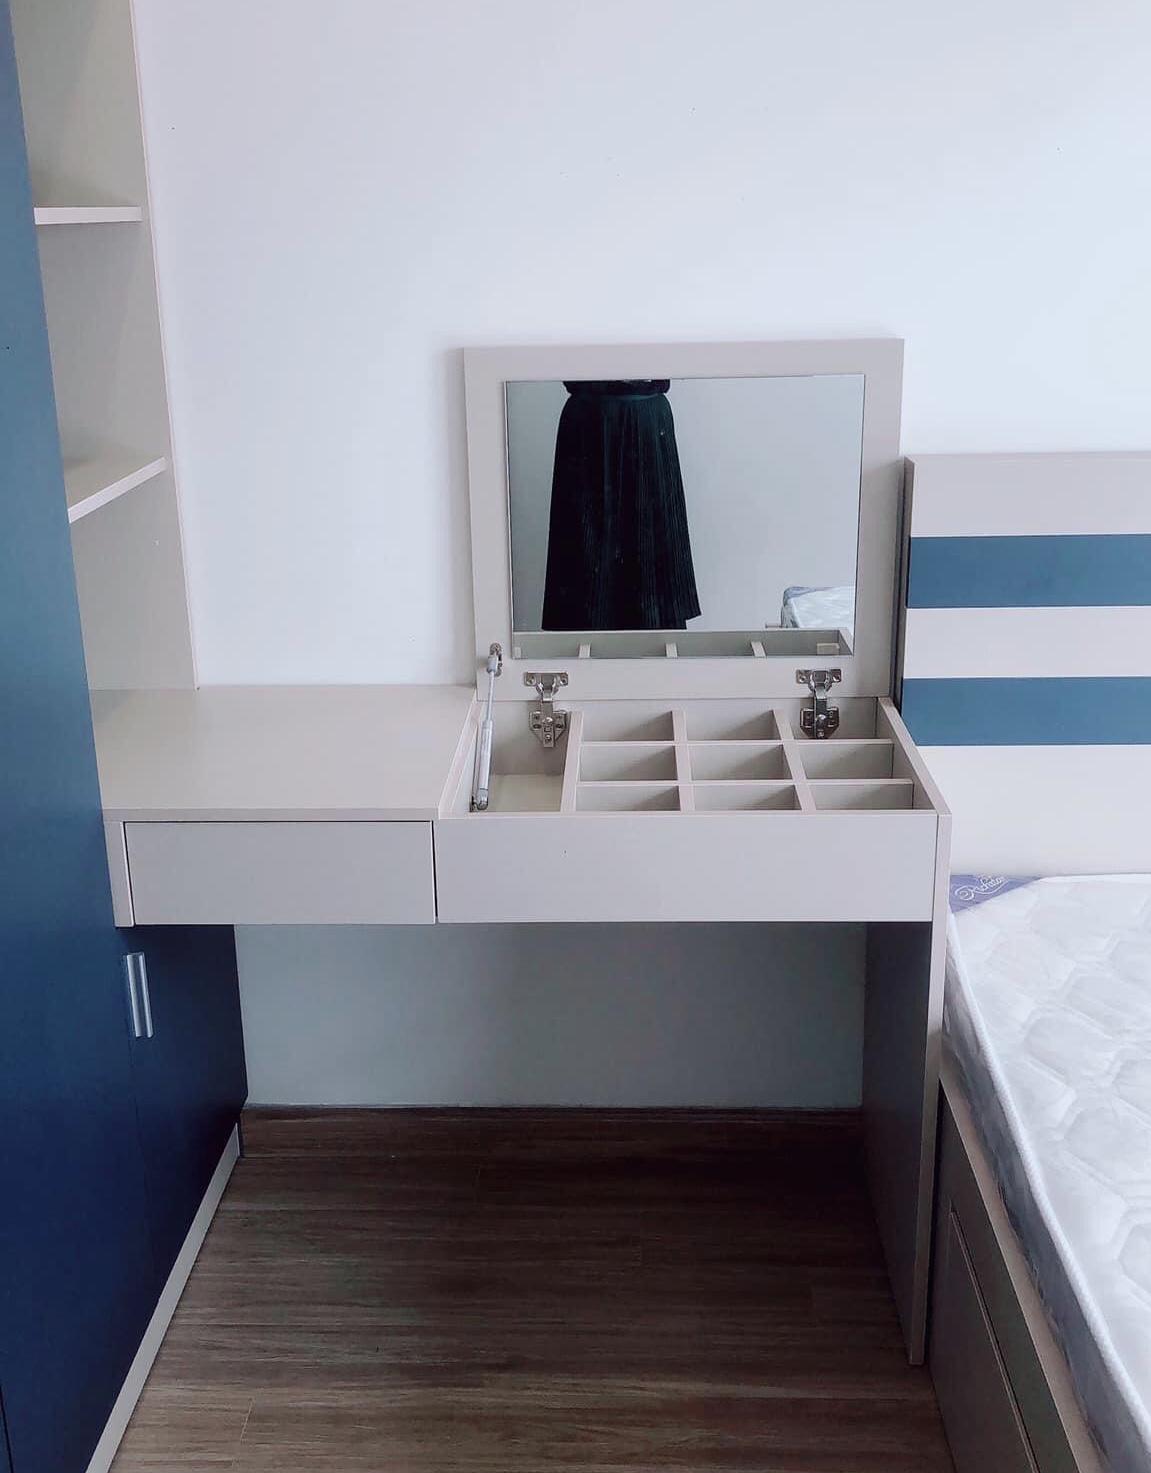 Căn hộ 2 phòng ngủ nội thất mới tầng 7 toà S1.06 giá 7,5tr/tháng 4